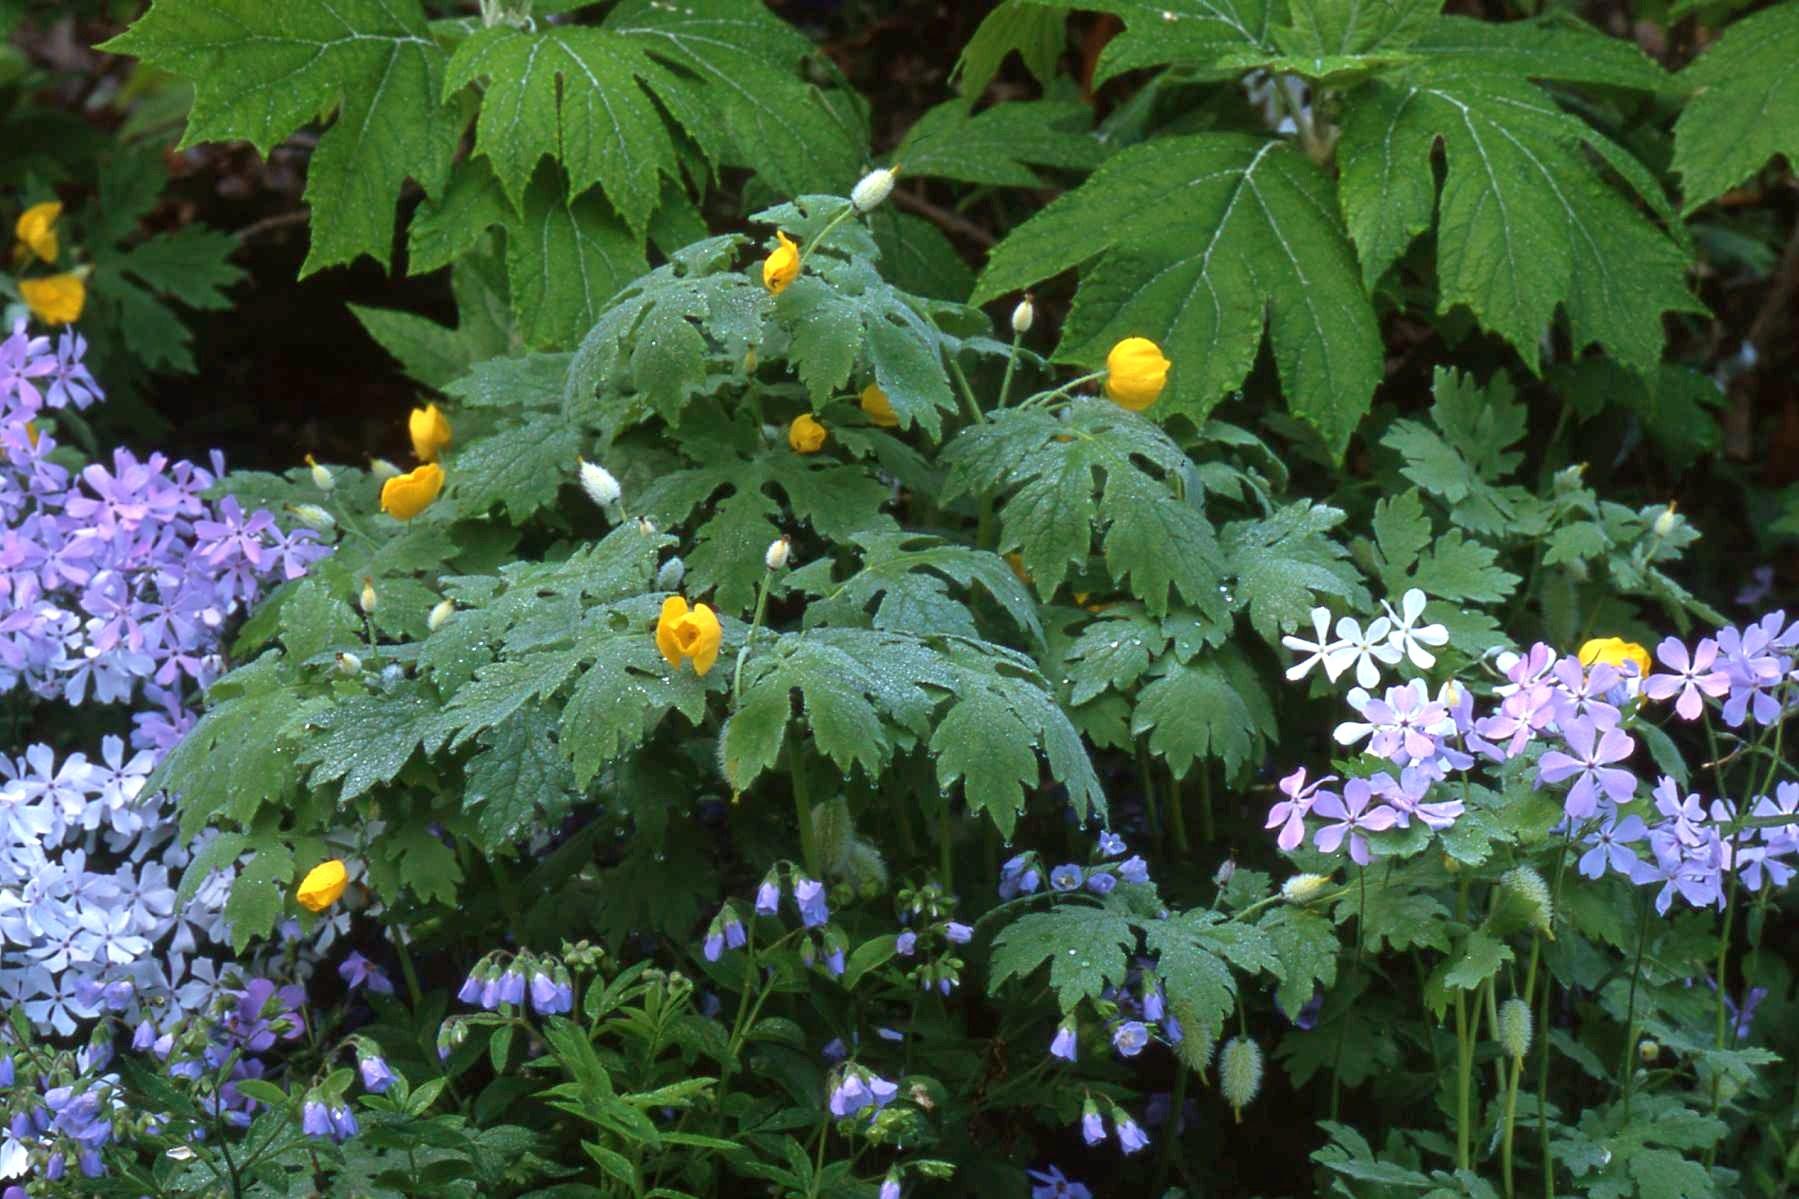 Flowering Shrubs For Shade Flowers Reviews